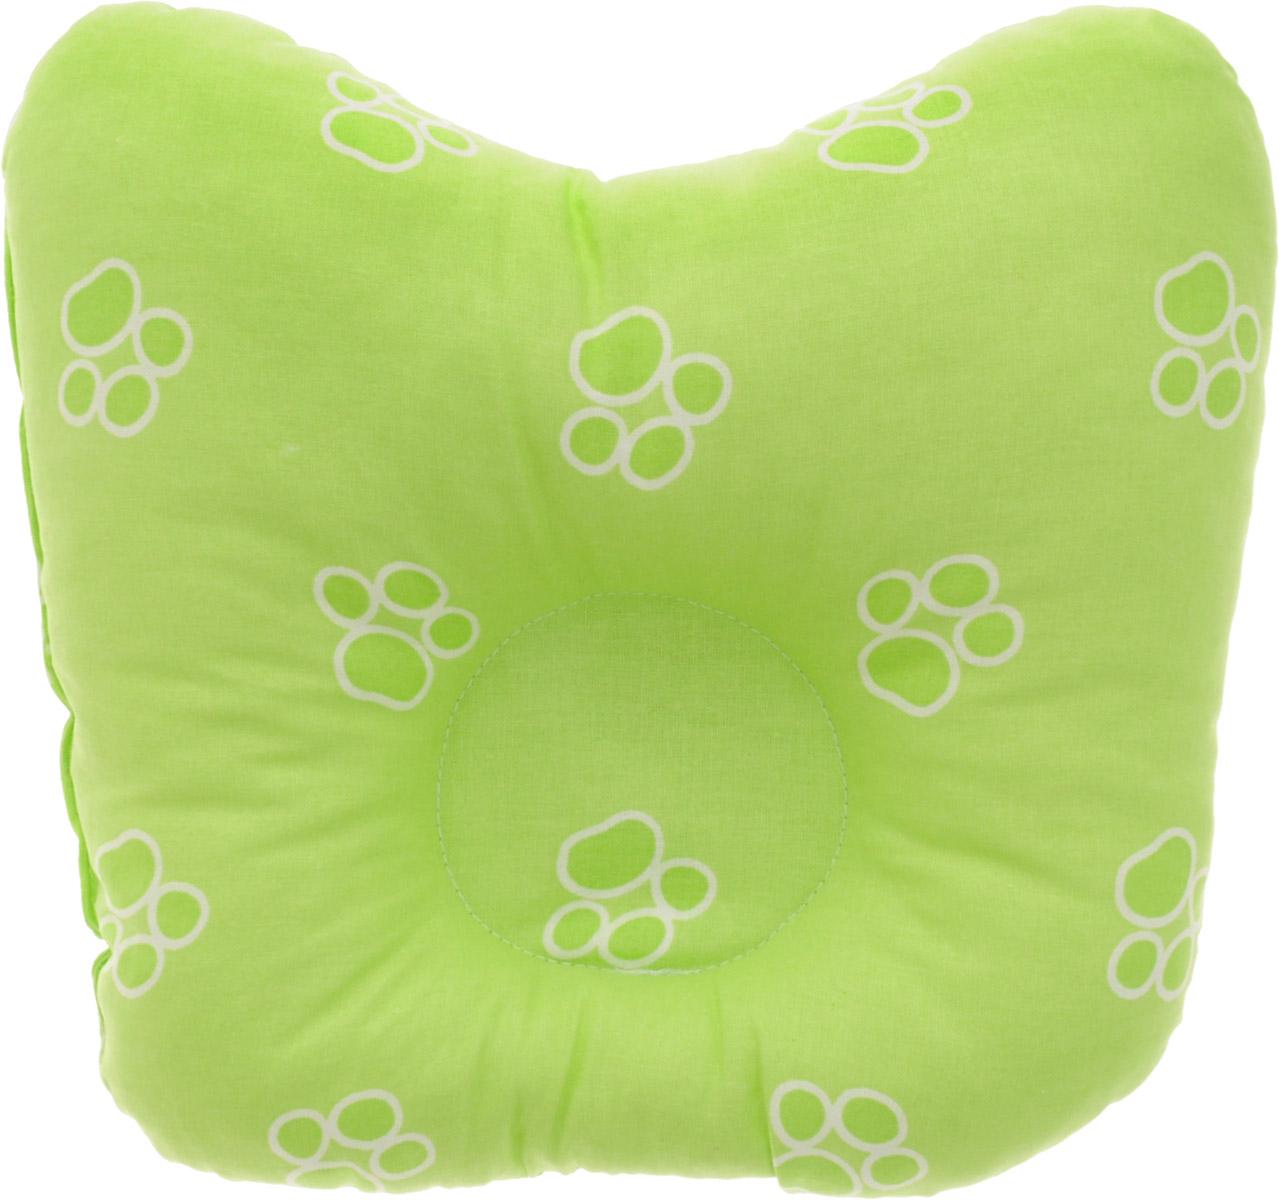 Сонный гномик Подушка анатомическая для младенцев Лапки цвет салатовый 27 х 27 см555А_лапки, салатовыйАнатомическая подушка для младенцев Сонный гномик Лапки изготовлена из бязи - 100% хлопка. Наполнитель - синтепон в гранулах (100% полиэстер).Подушка компактна и удобна для пеленания малыша и кормления на руках, она также незаменима для сна ребенка в кроватке и комфортна для использования в коляске на прогулке. Углубление в подушке фиксирует правильное положение головы ребенка.Подушка помогает правильному формированию шейного отдела позвоночника.